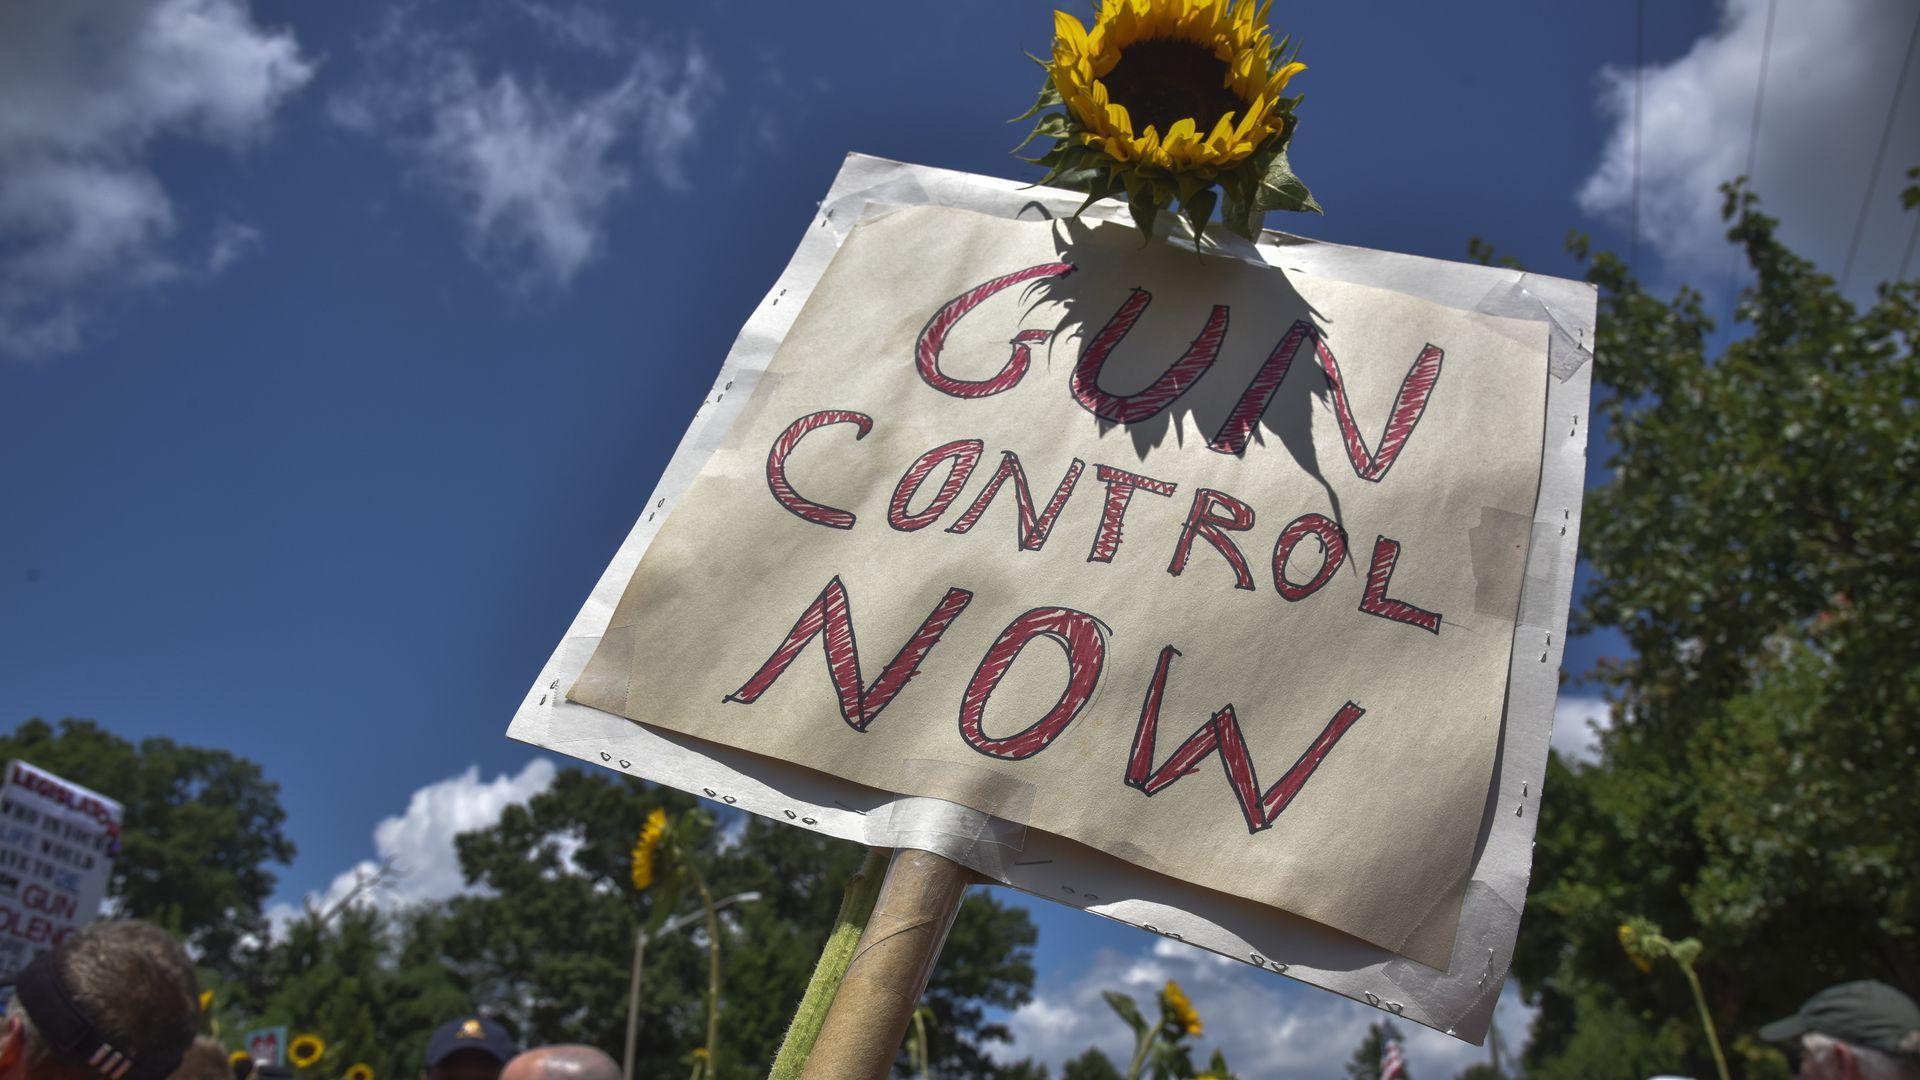 A gun control now sign